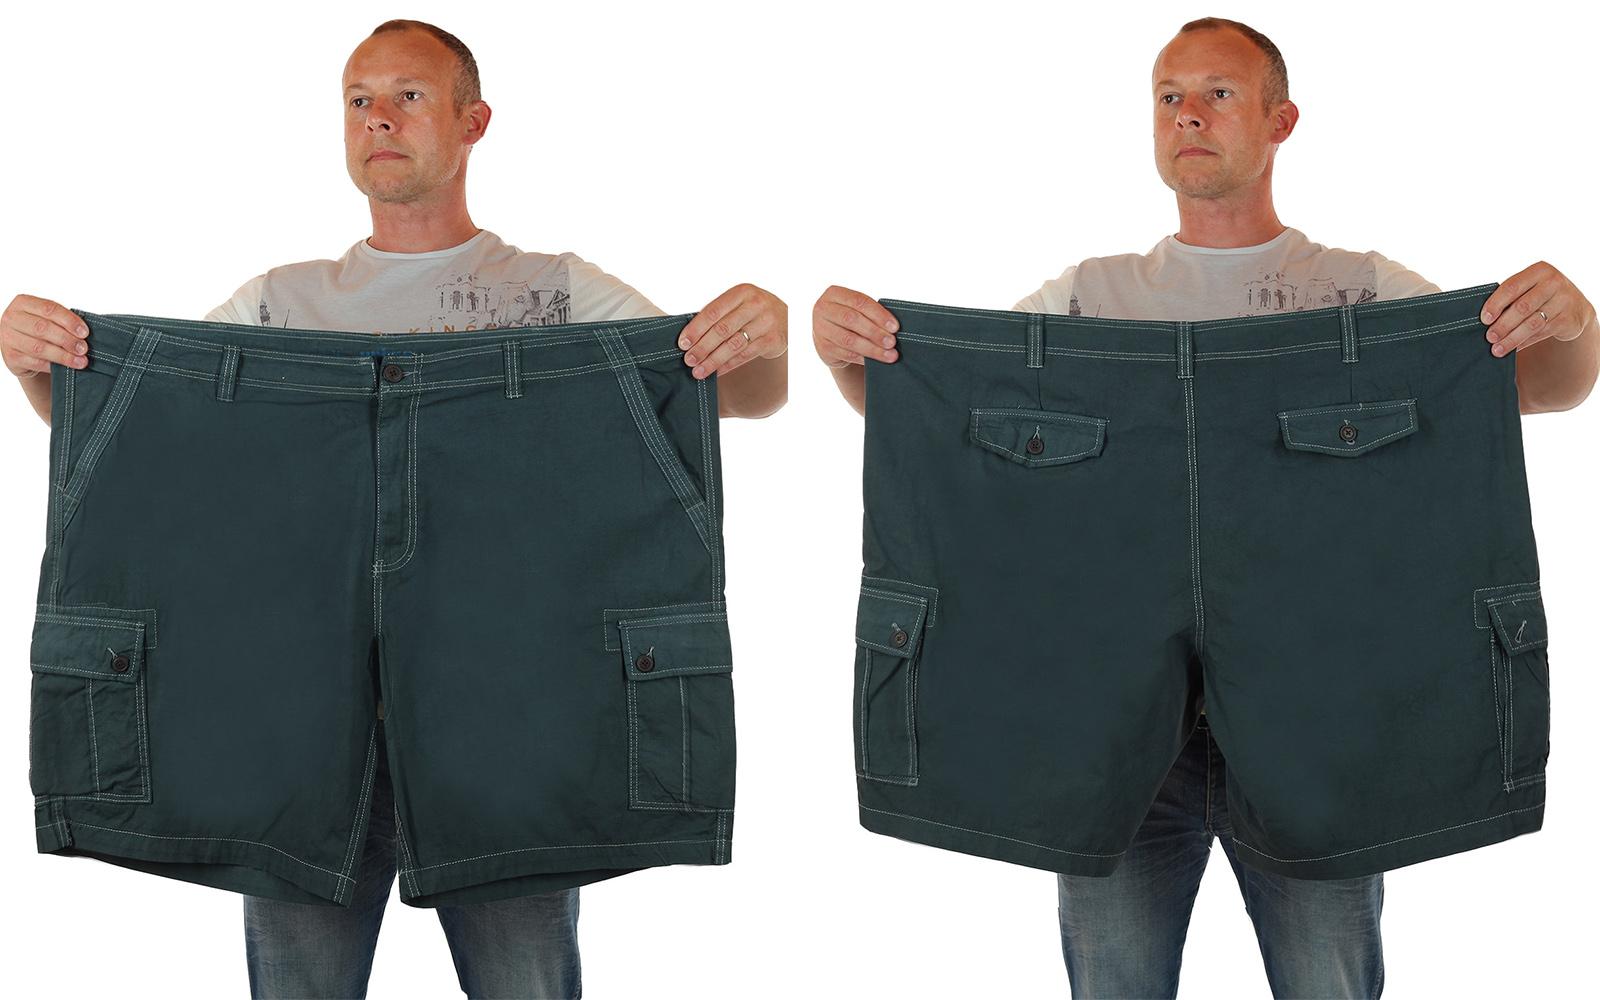 Оригинальные шорты от бренда Urban для крутых полных мужчин по лучшей цене